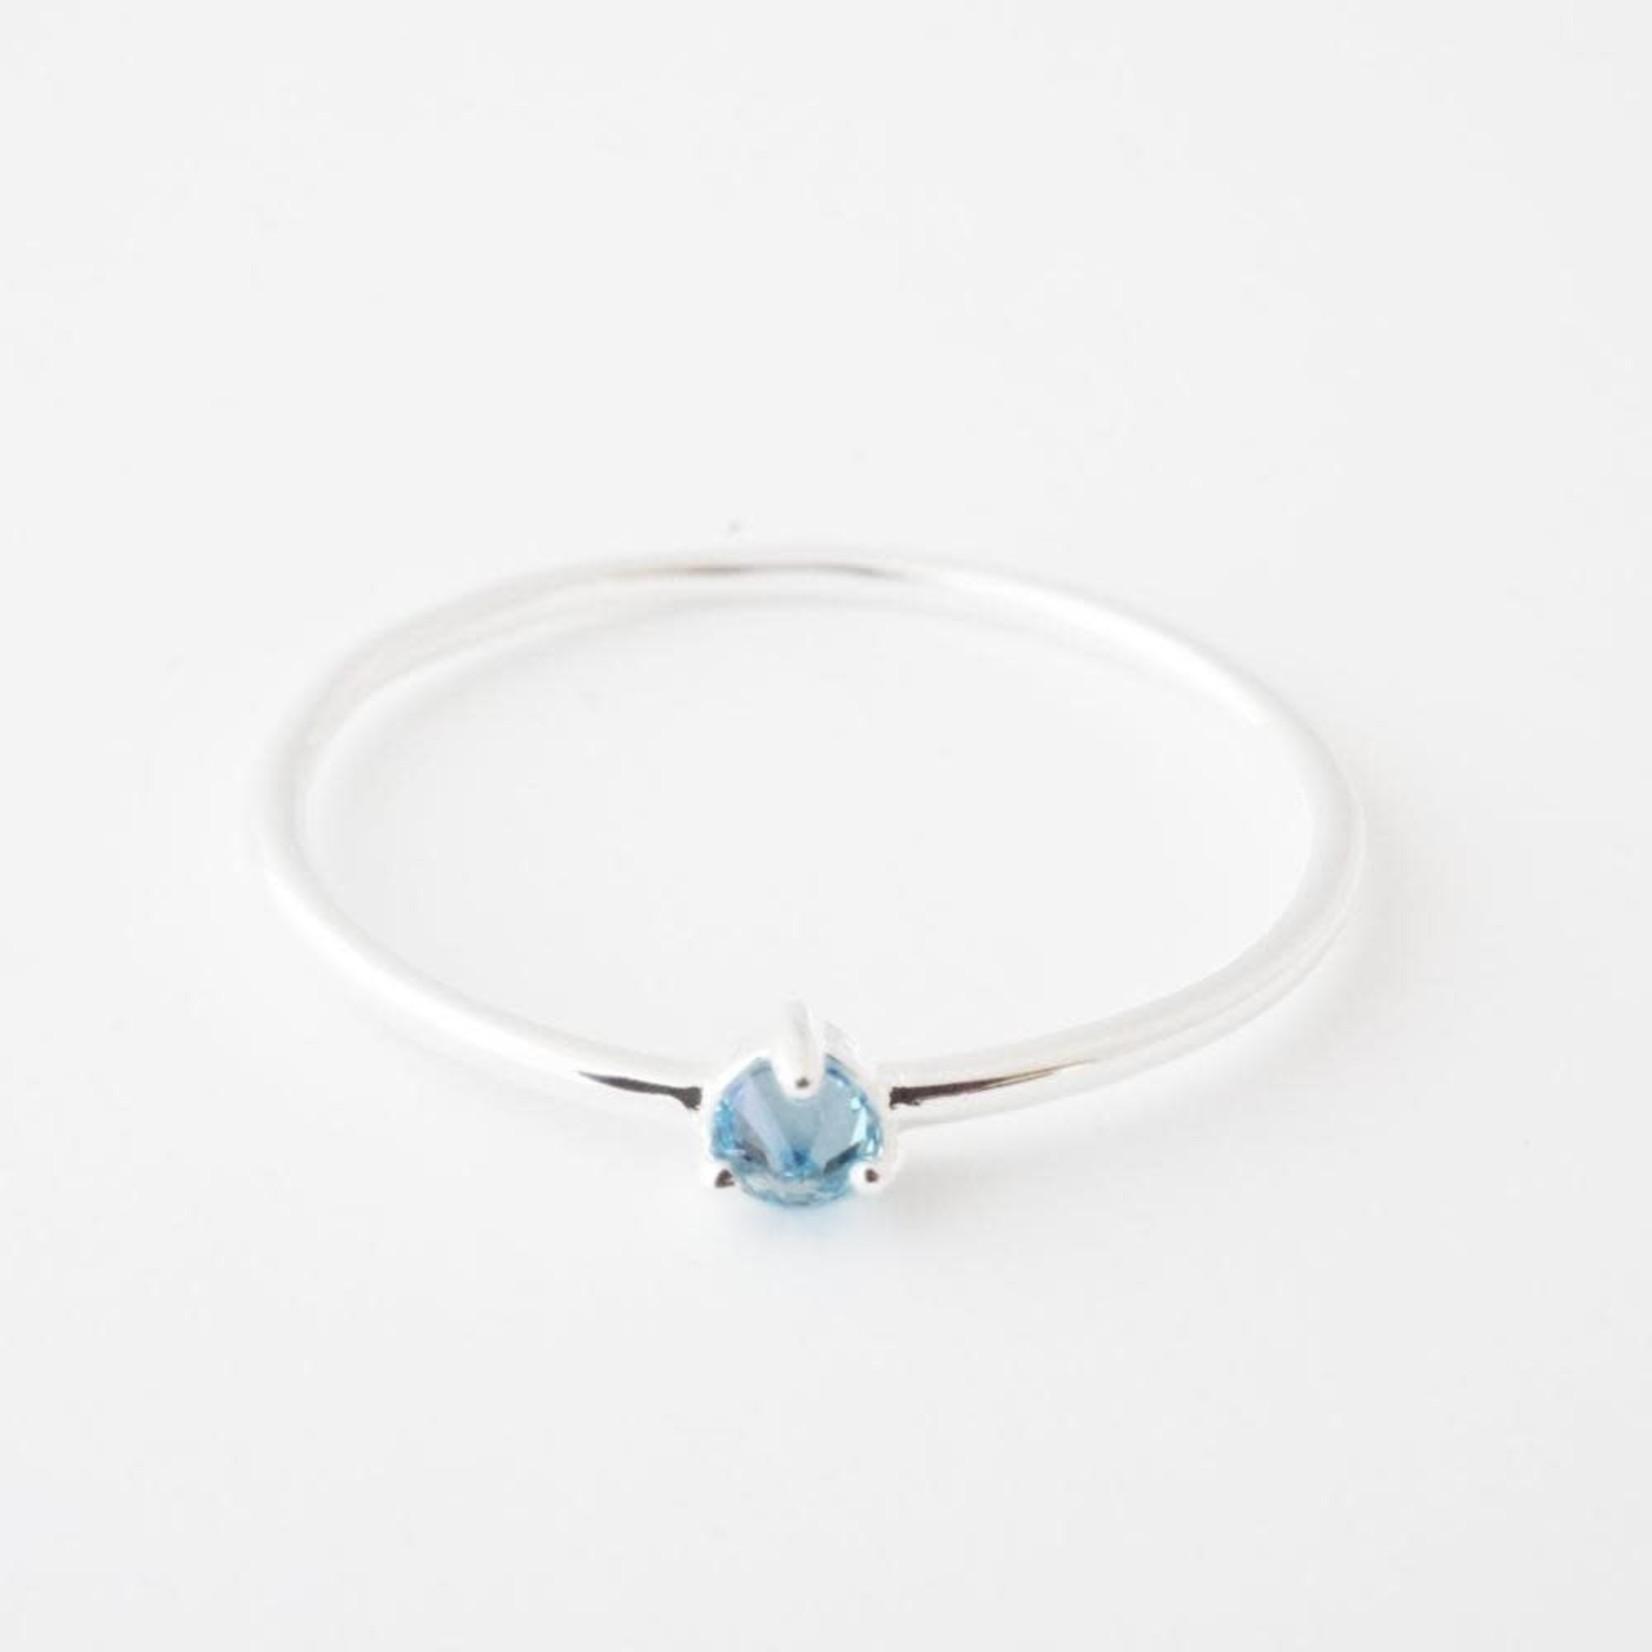 Honeycat Jewelry Honeycat Point Solitaire Ring AQUAMARINE